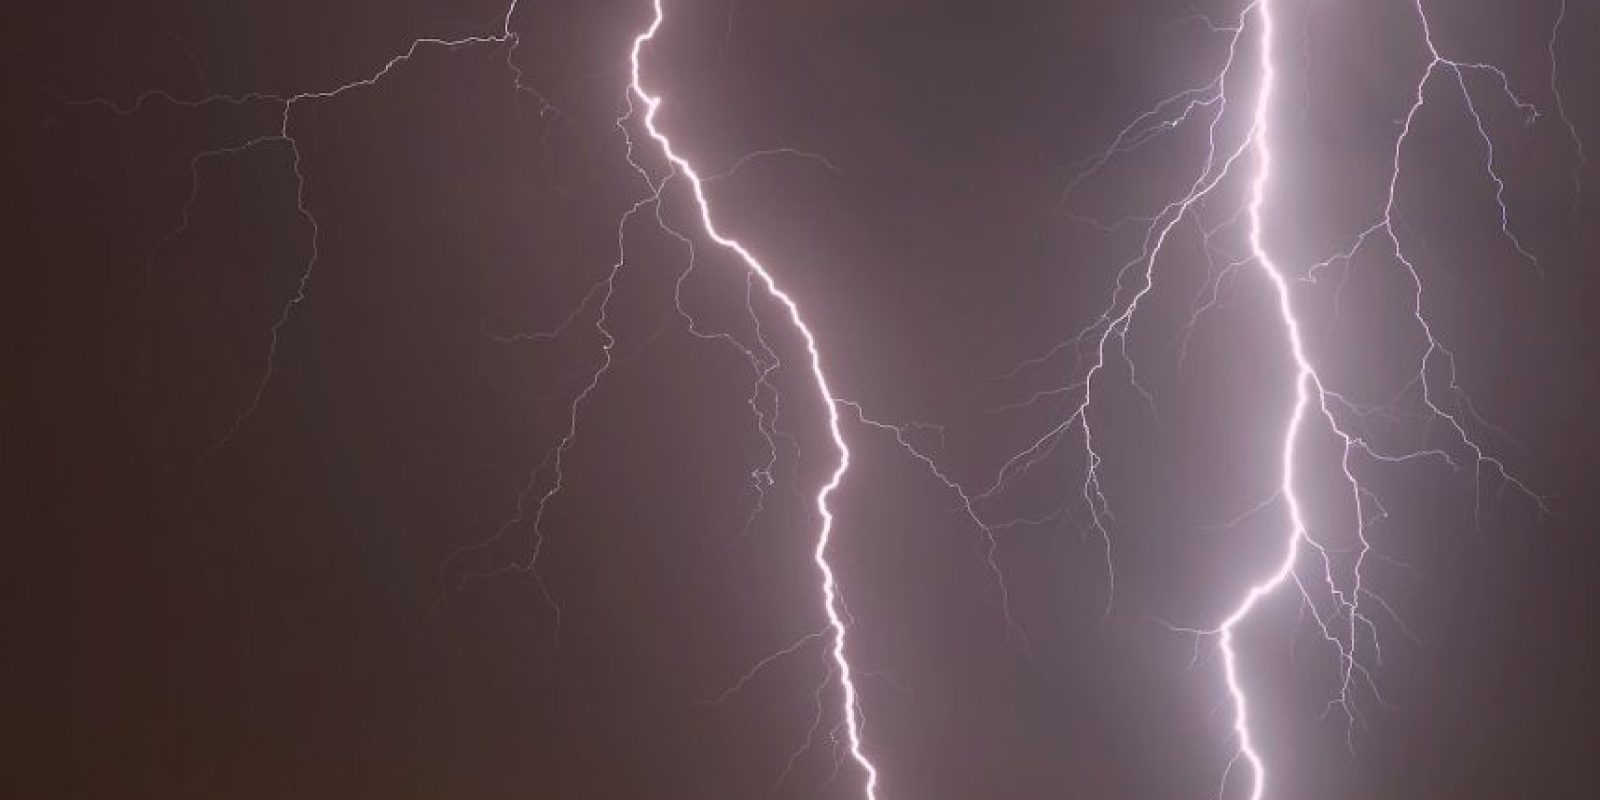 Según el Observatorio Terrestre de la NASA, la línea del Ecuador es el lugar con más probabilidad de que caiga un rayo, además de que la mayor cantidad de relámpagos ocurren en la República Democrática del Congo y el Lago de Maracaibo, en el noroeste de Venezuela. Foto:Getty Images